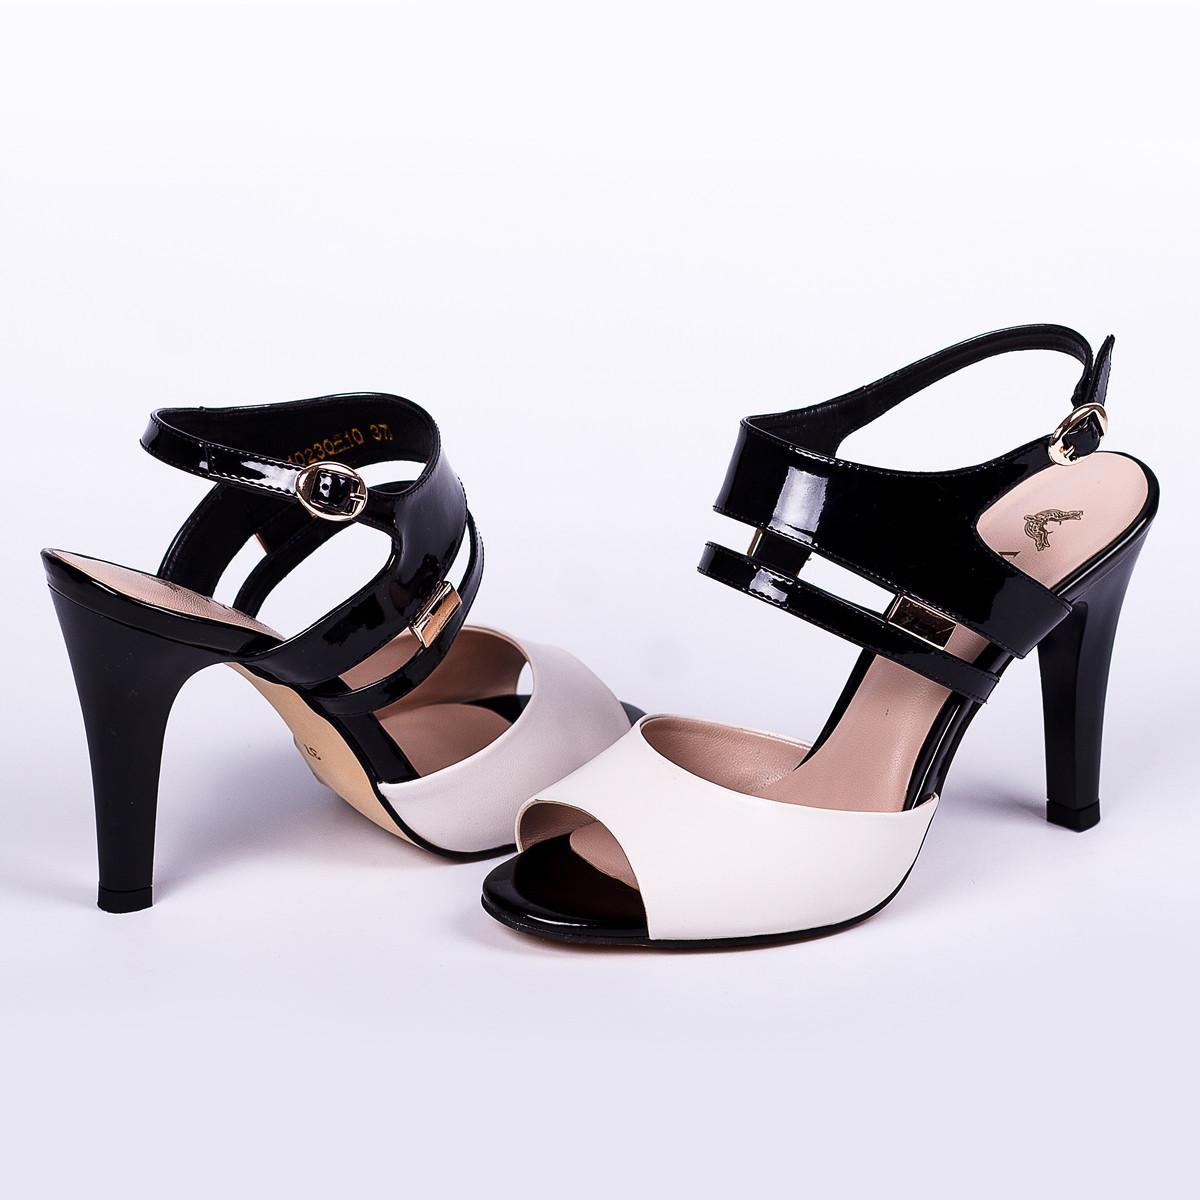 9954700cb Элегантные лаковые босоножки Vysea - Интернет-магазин женской и мужской  обуви Krok в Киеве